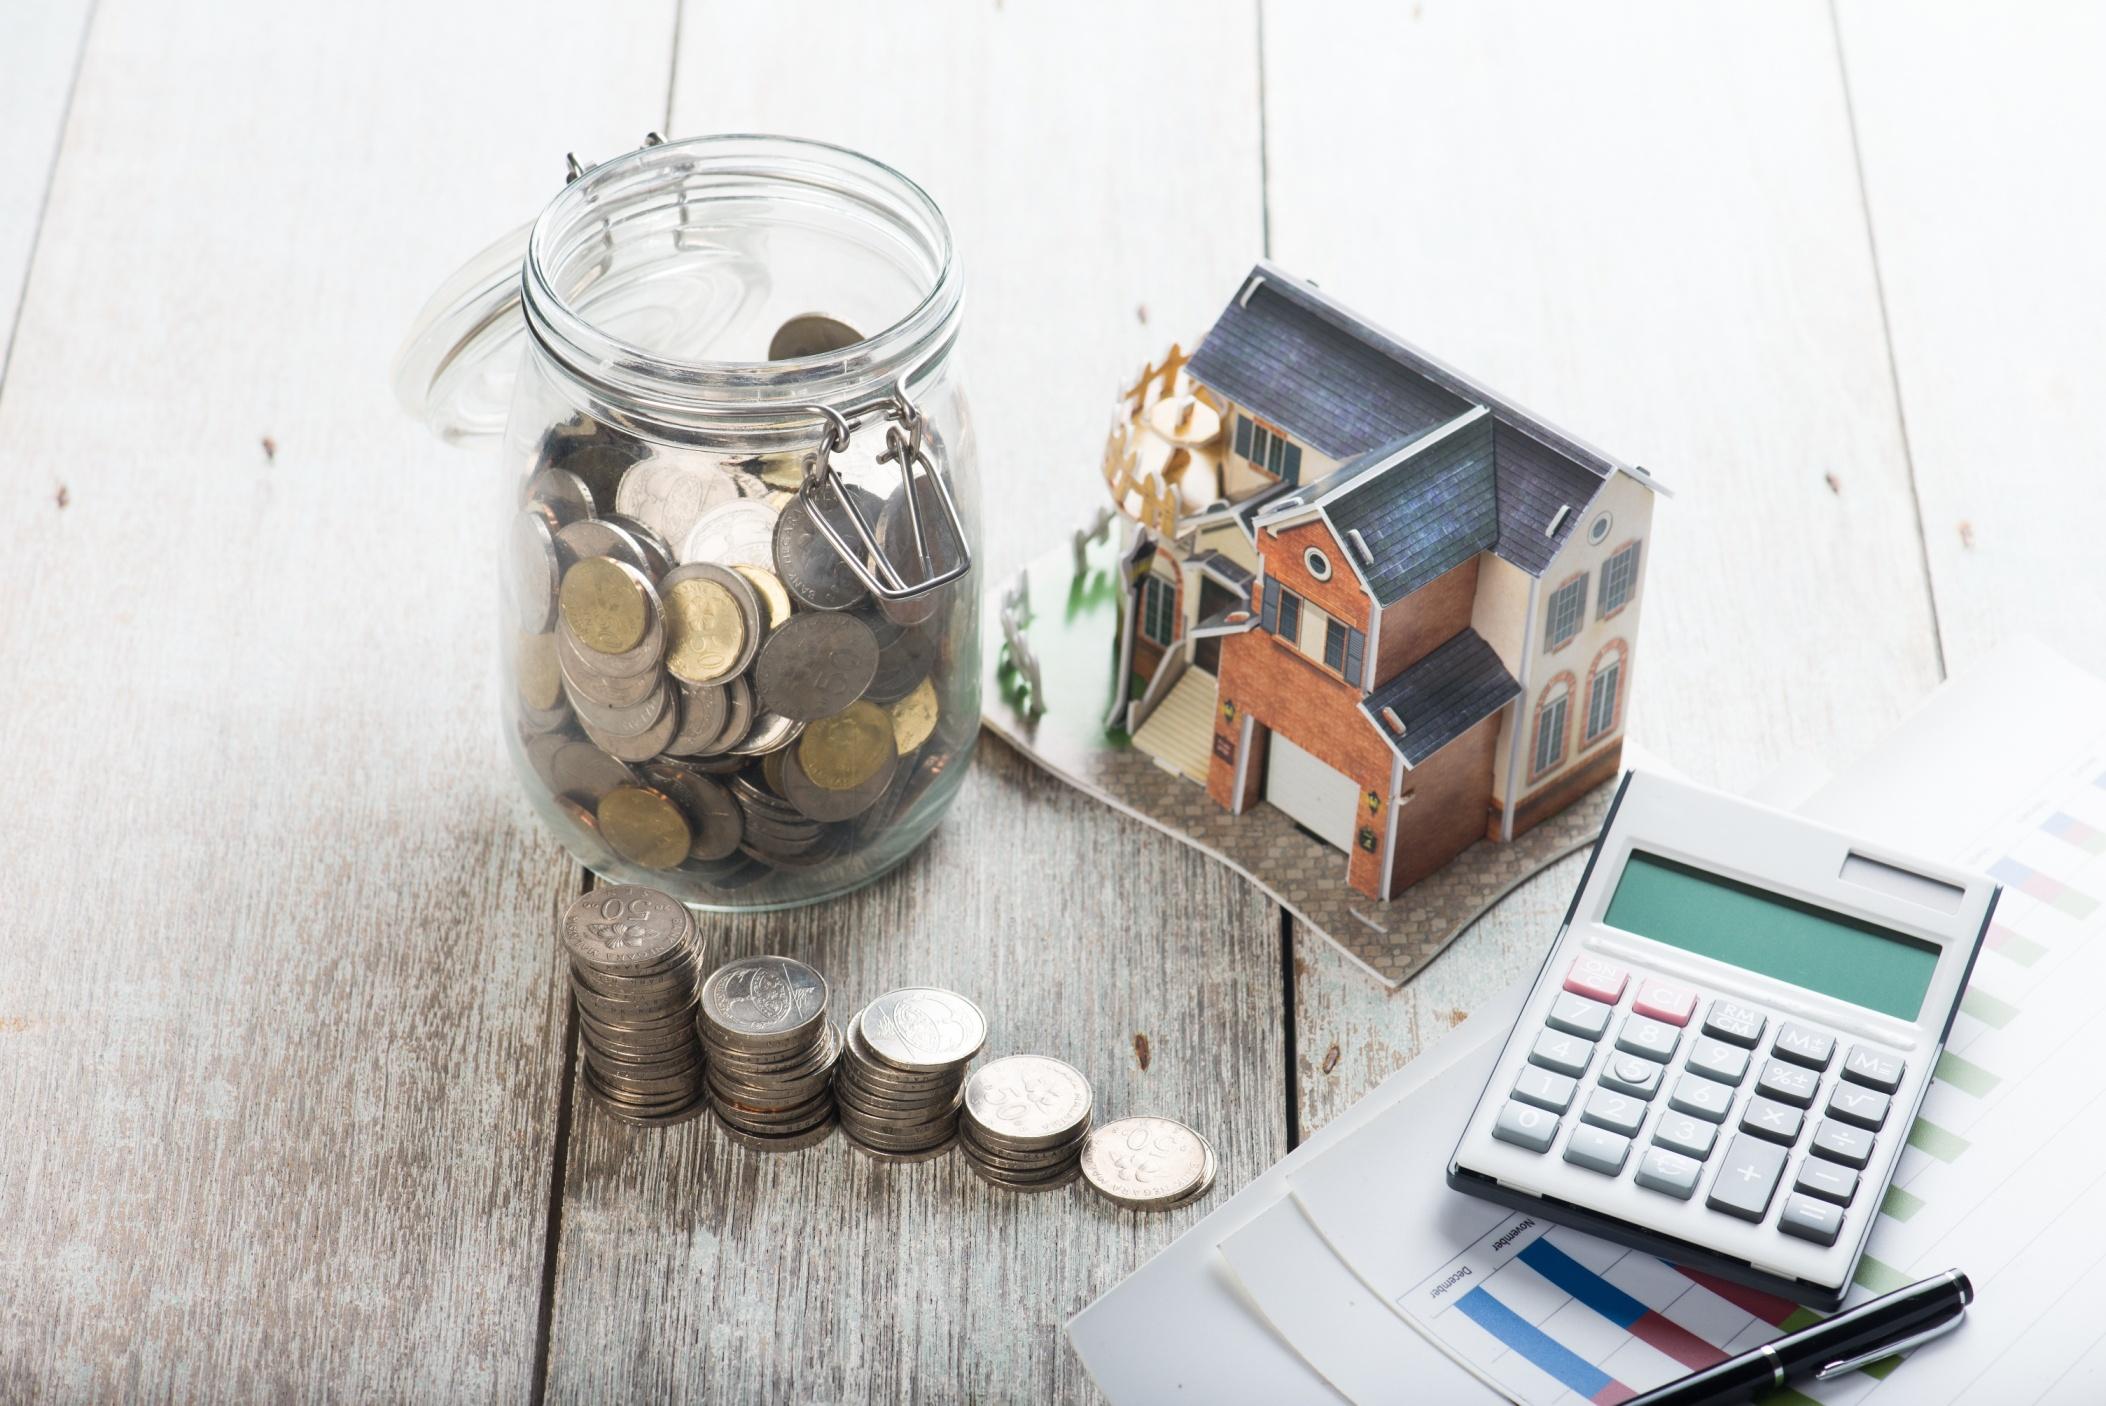 Mutui in calo da inizio anno